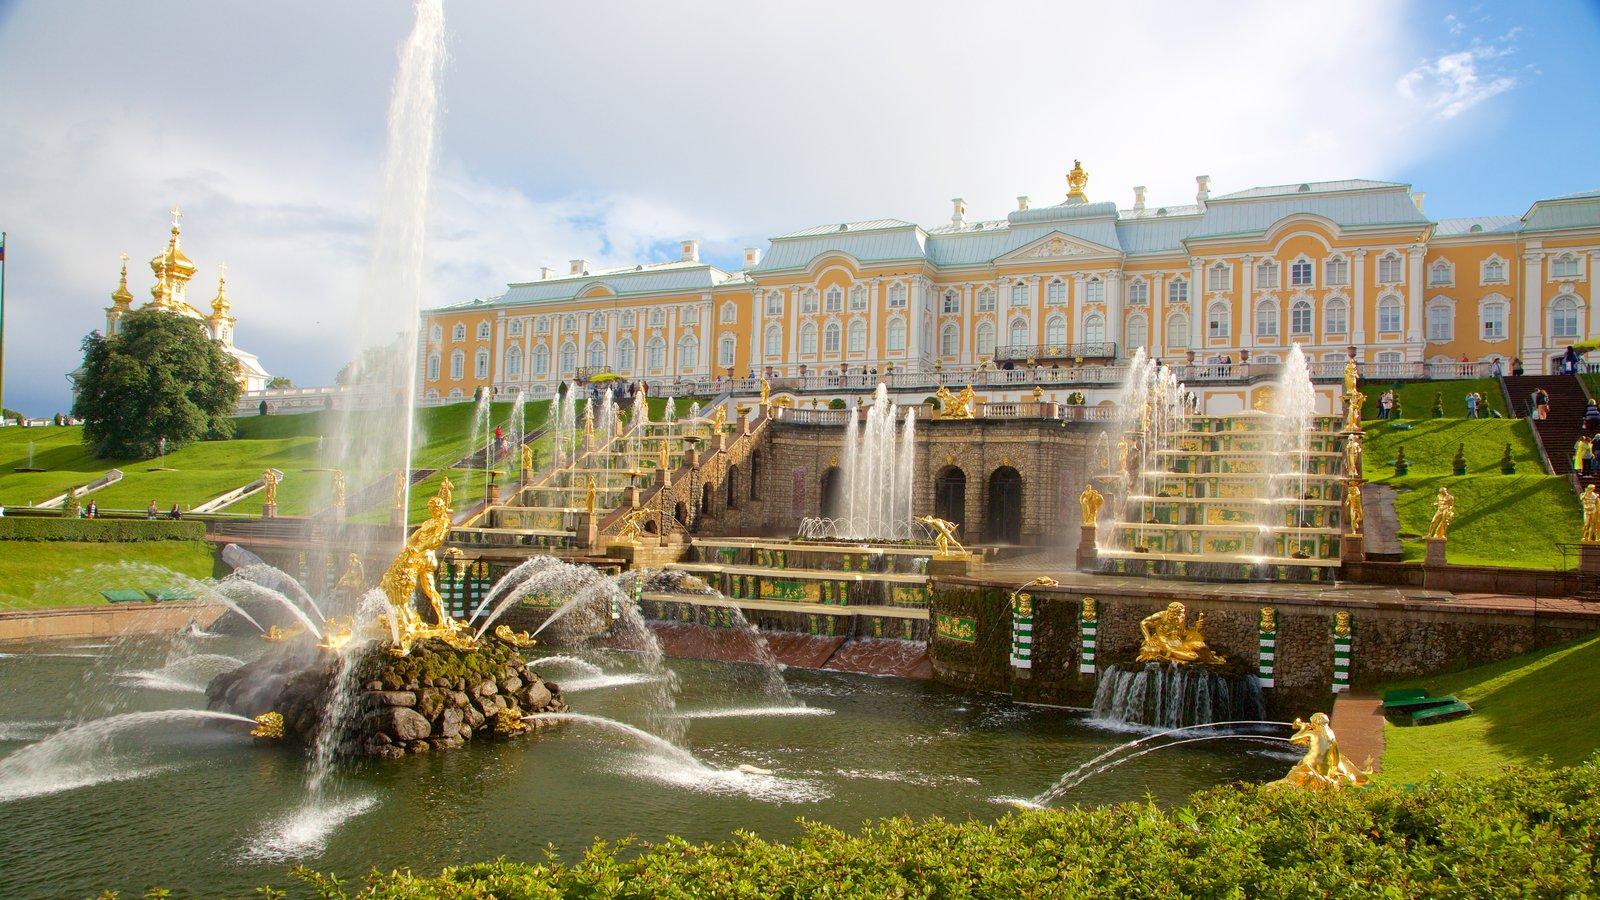 Palácio e Jardins Peterhof caracterizando arquitetura de patrimônio e uma fonte